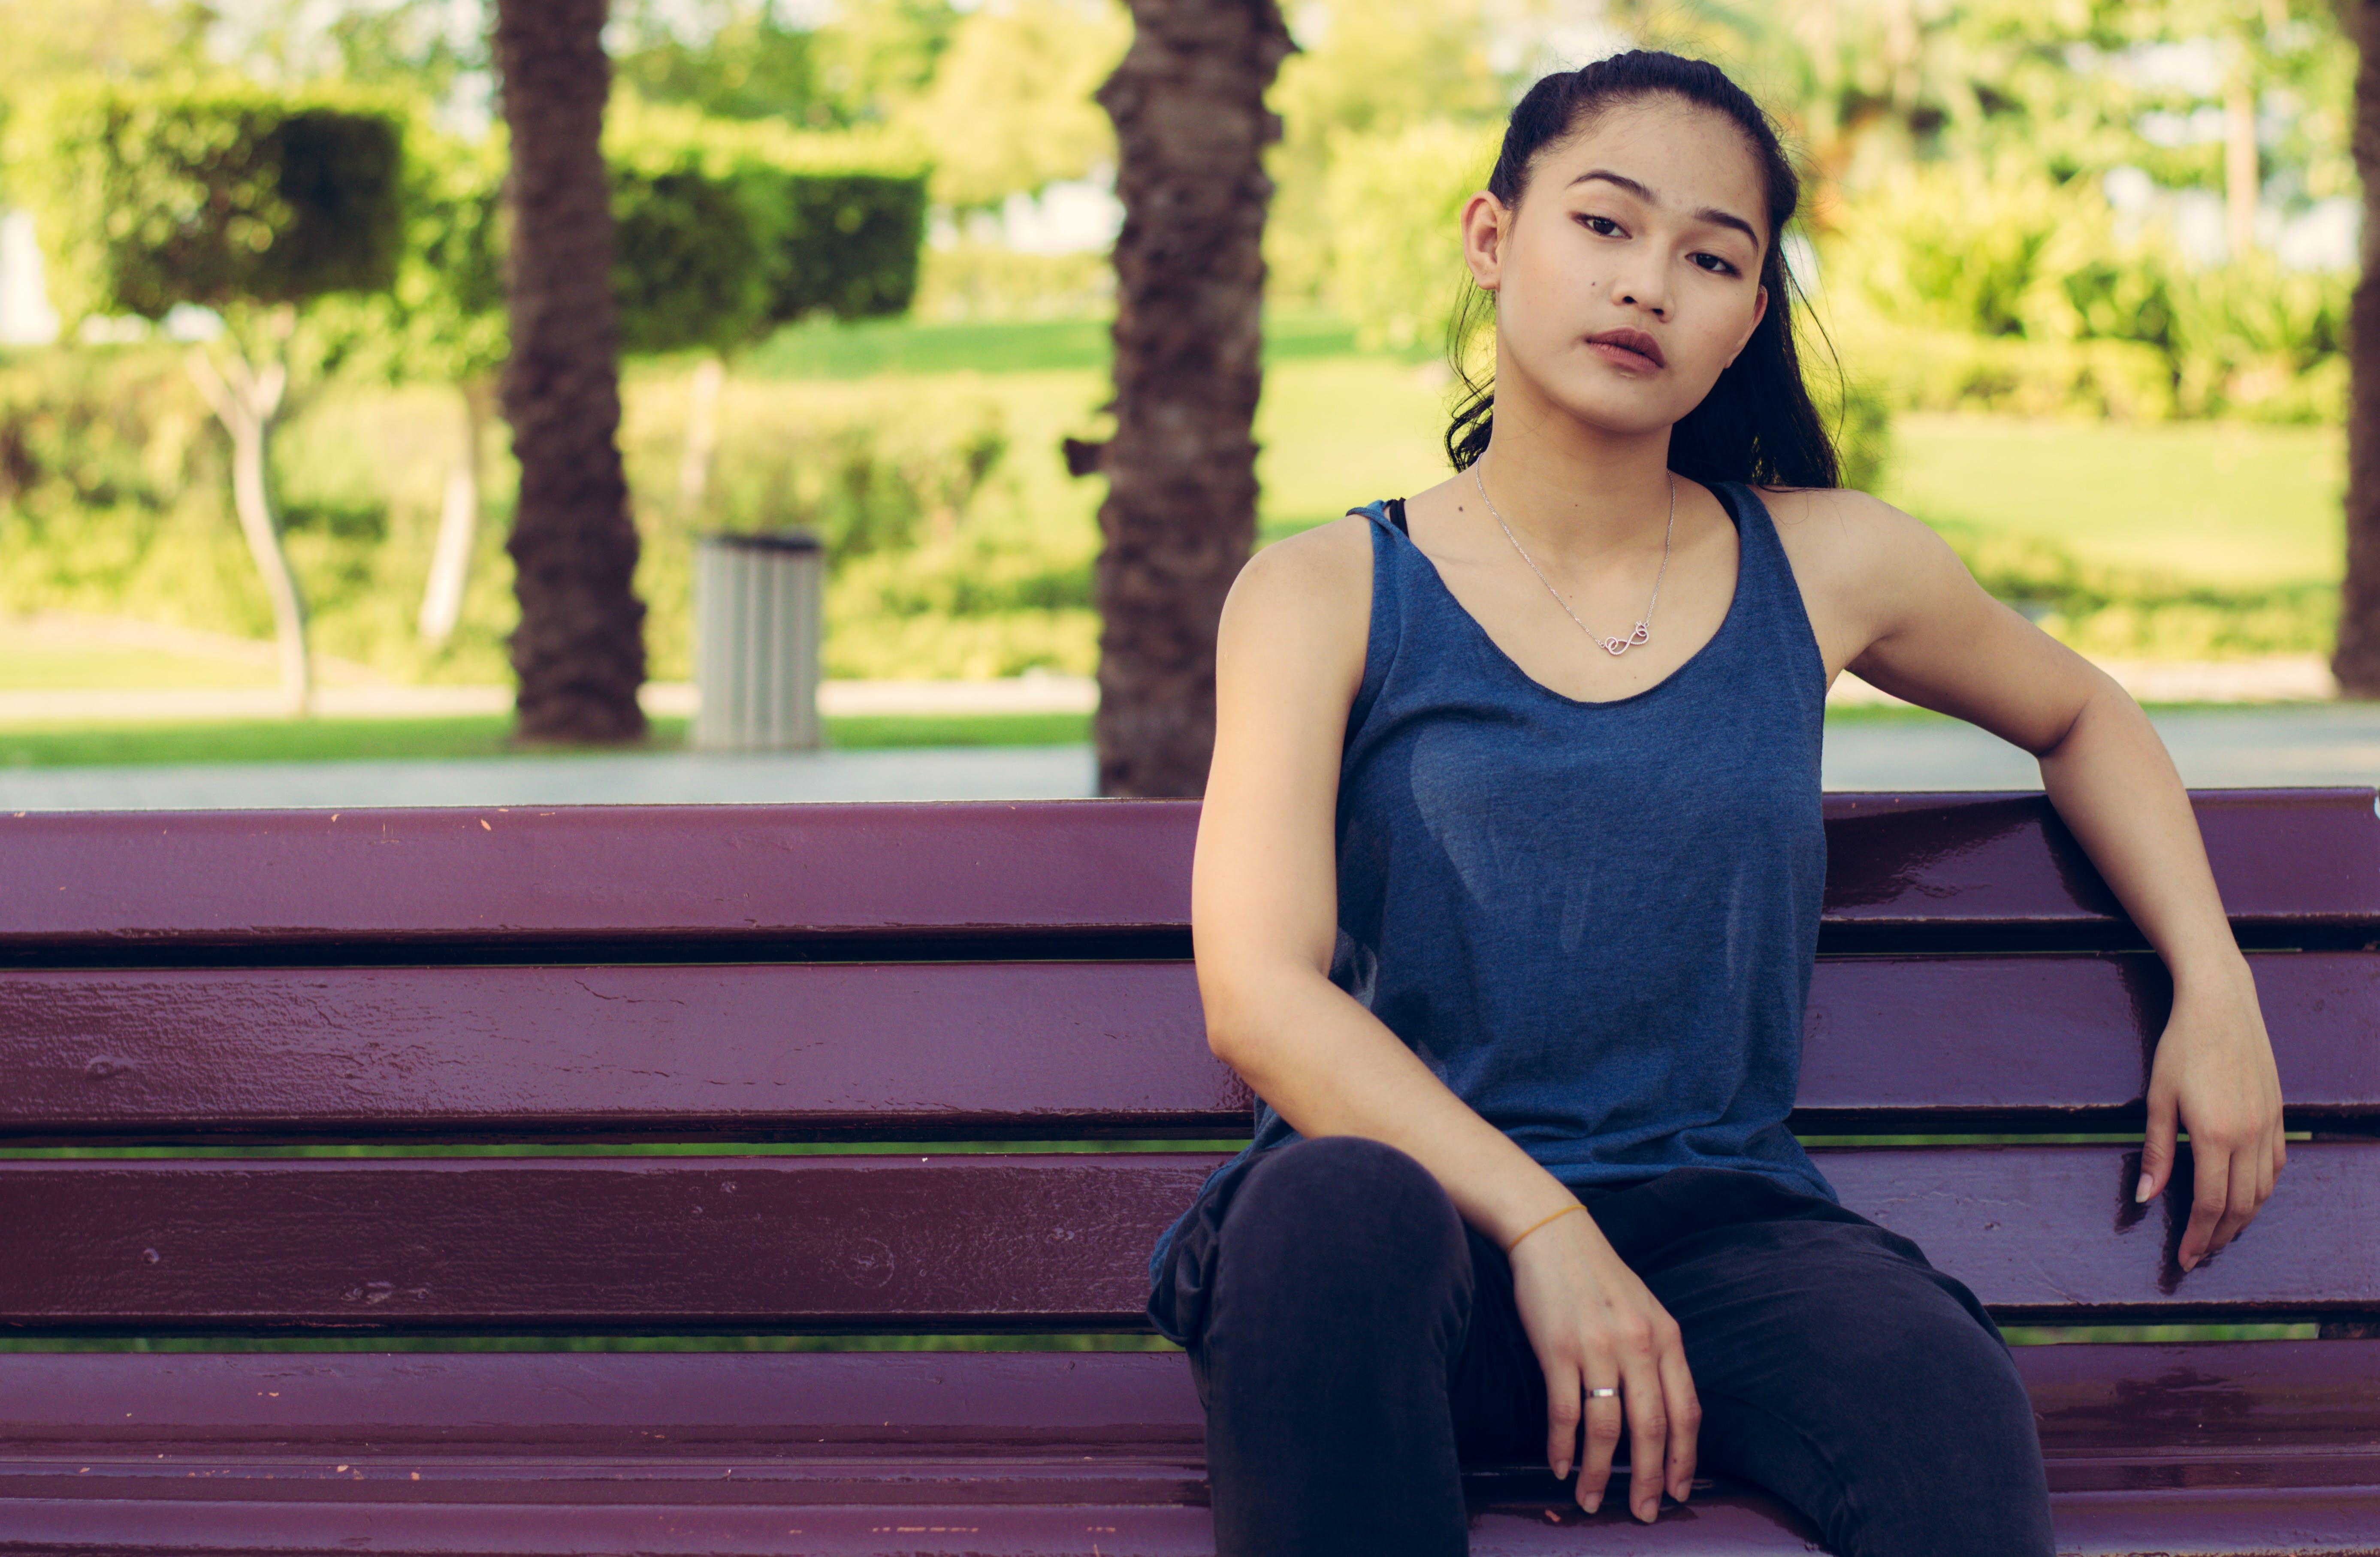 beautiful, bench, girl